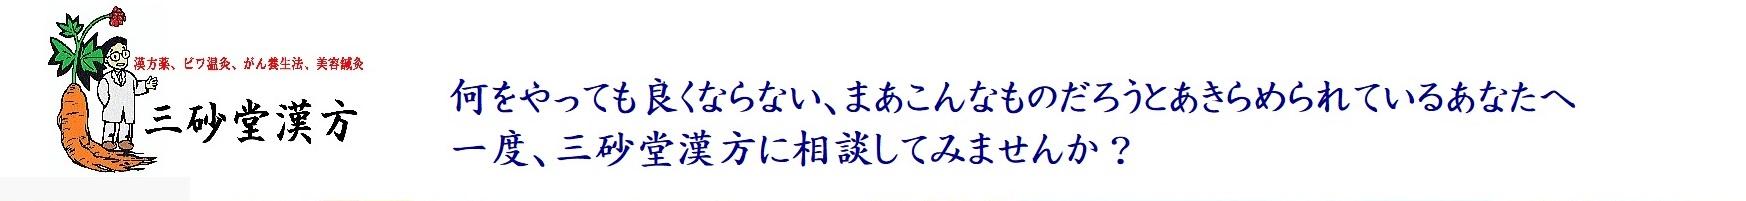 堺市の三砂堂漢方鍼灸院